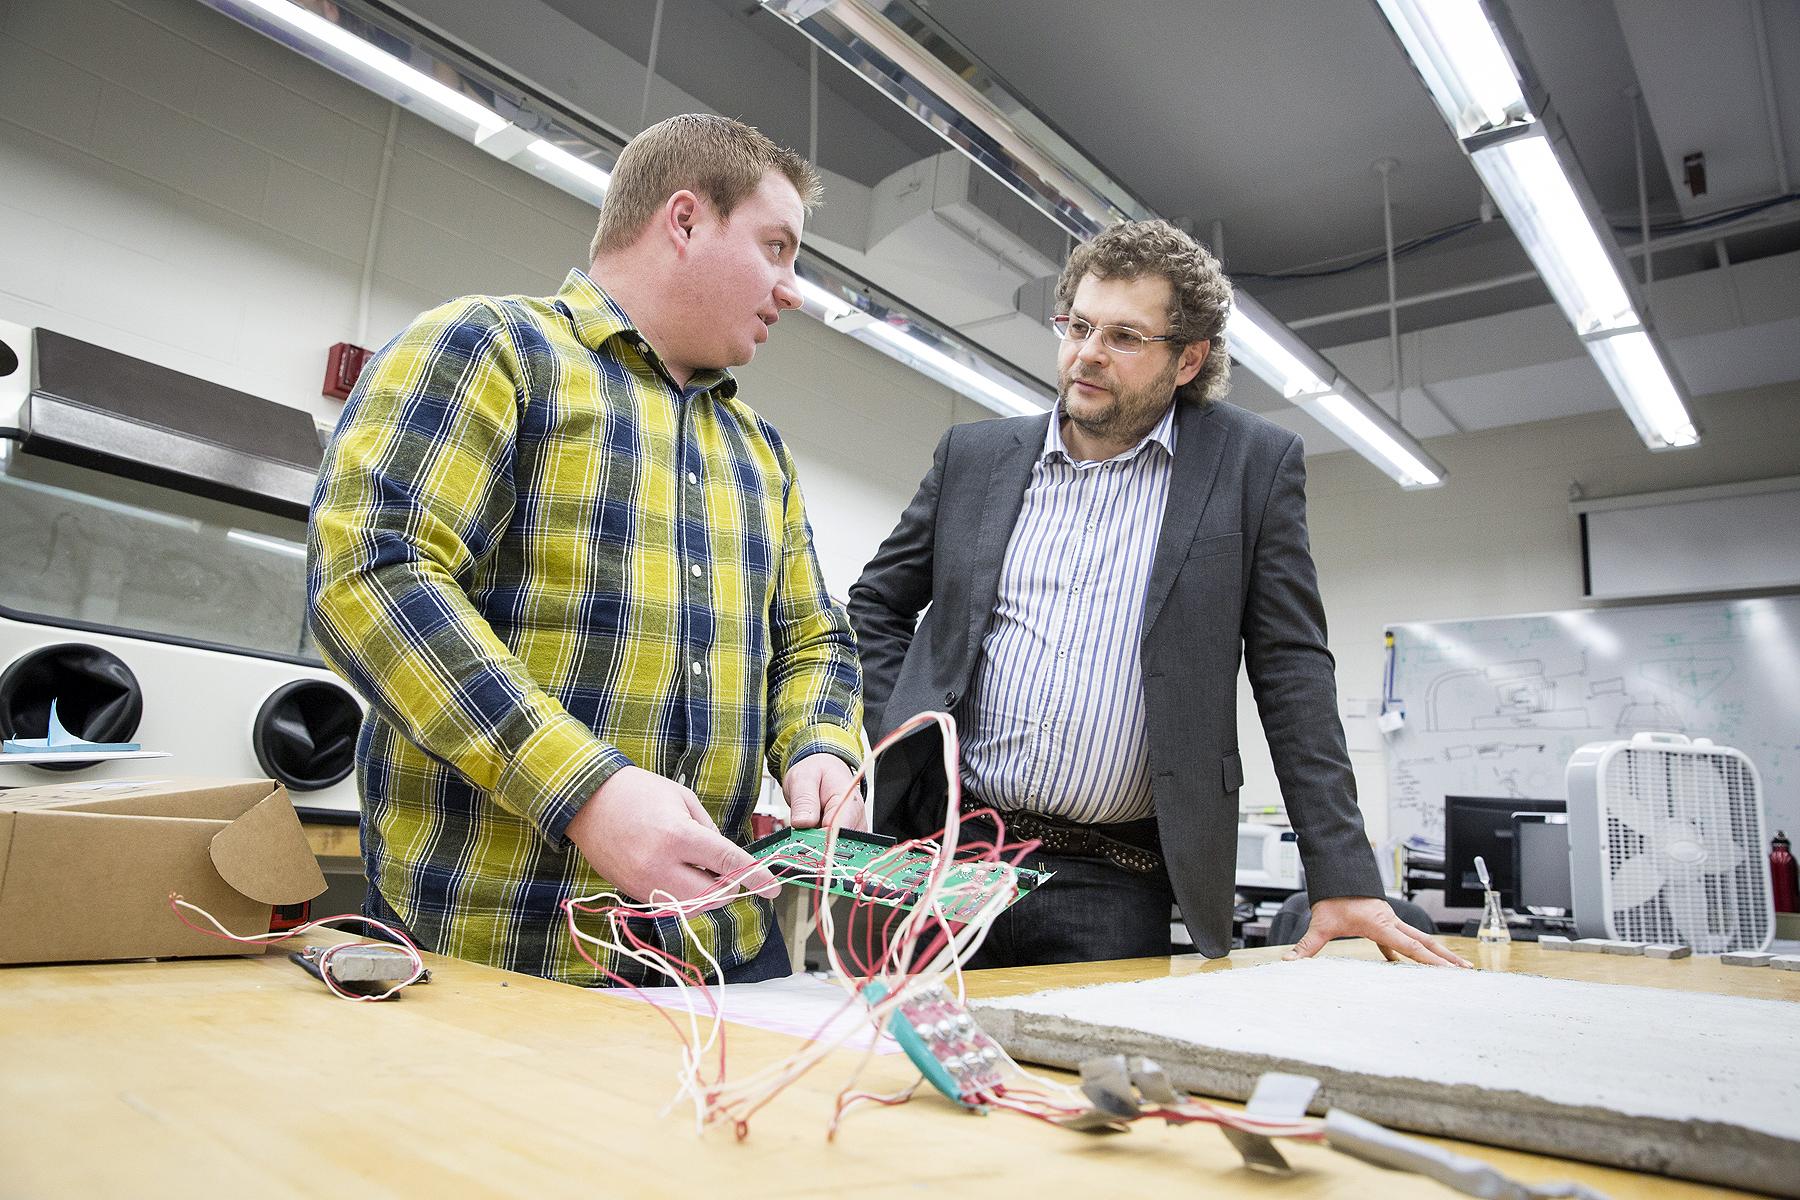 Pesquisador Konstantin Sobolev (dir.) e estudante de doutorado Scott Muzenski, ambos da UWM, testam placa do concreto que repele água